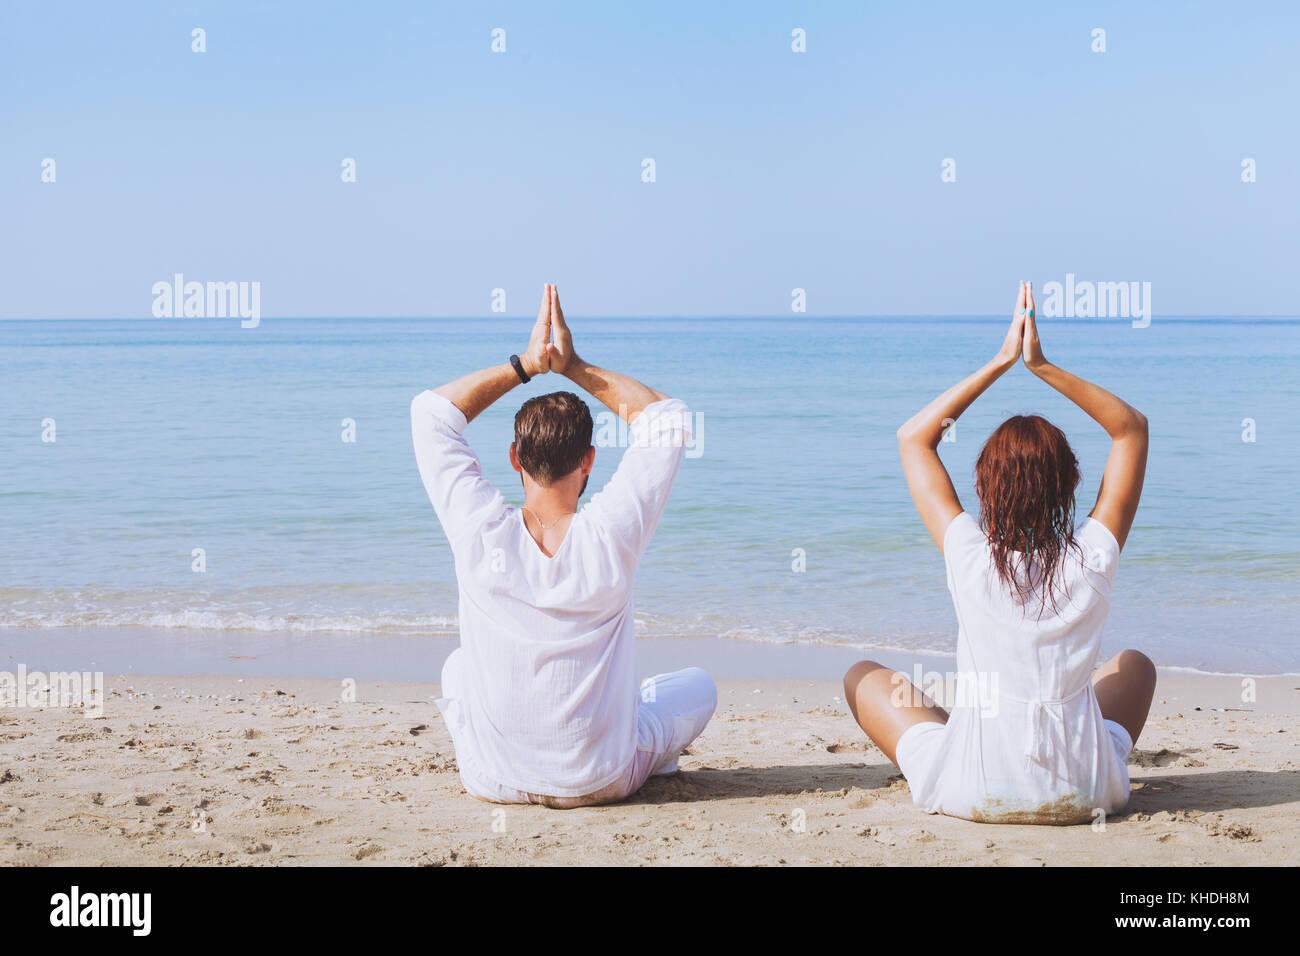 Lo yoga sulla spiaggia, due uomini in bianche vesti la pratica di meditazione, uno stile di vita sano sfondo Immagini Stock